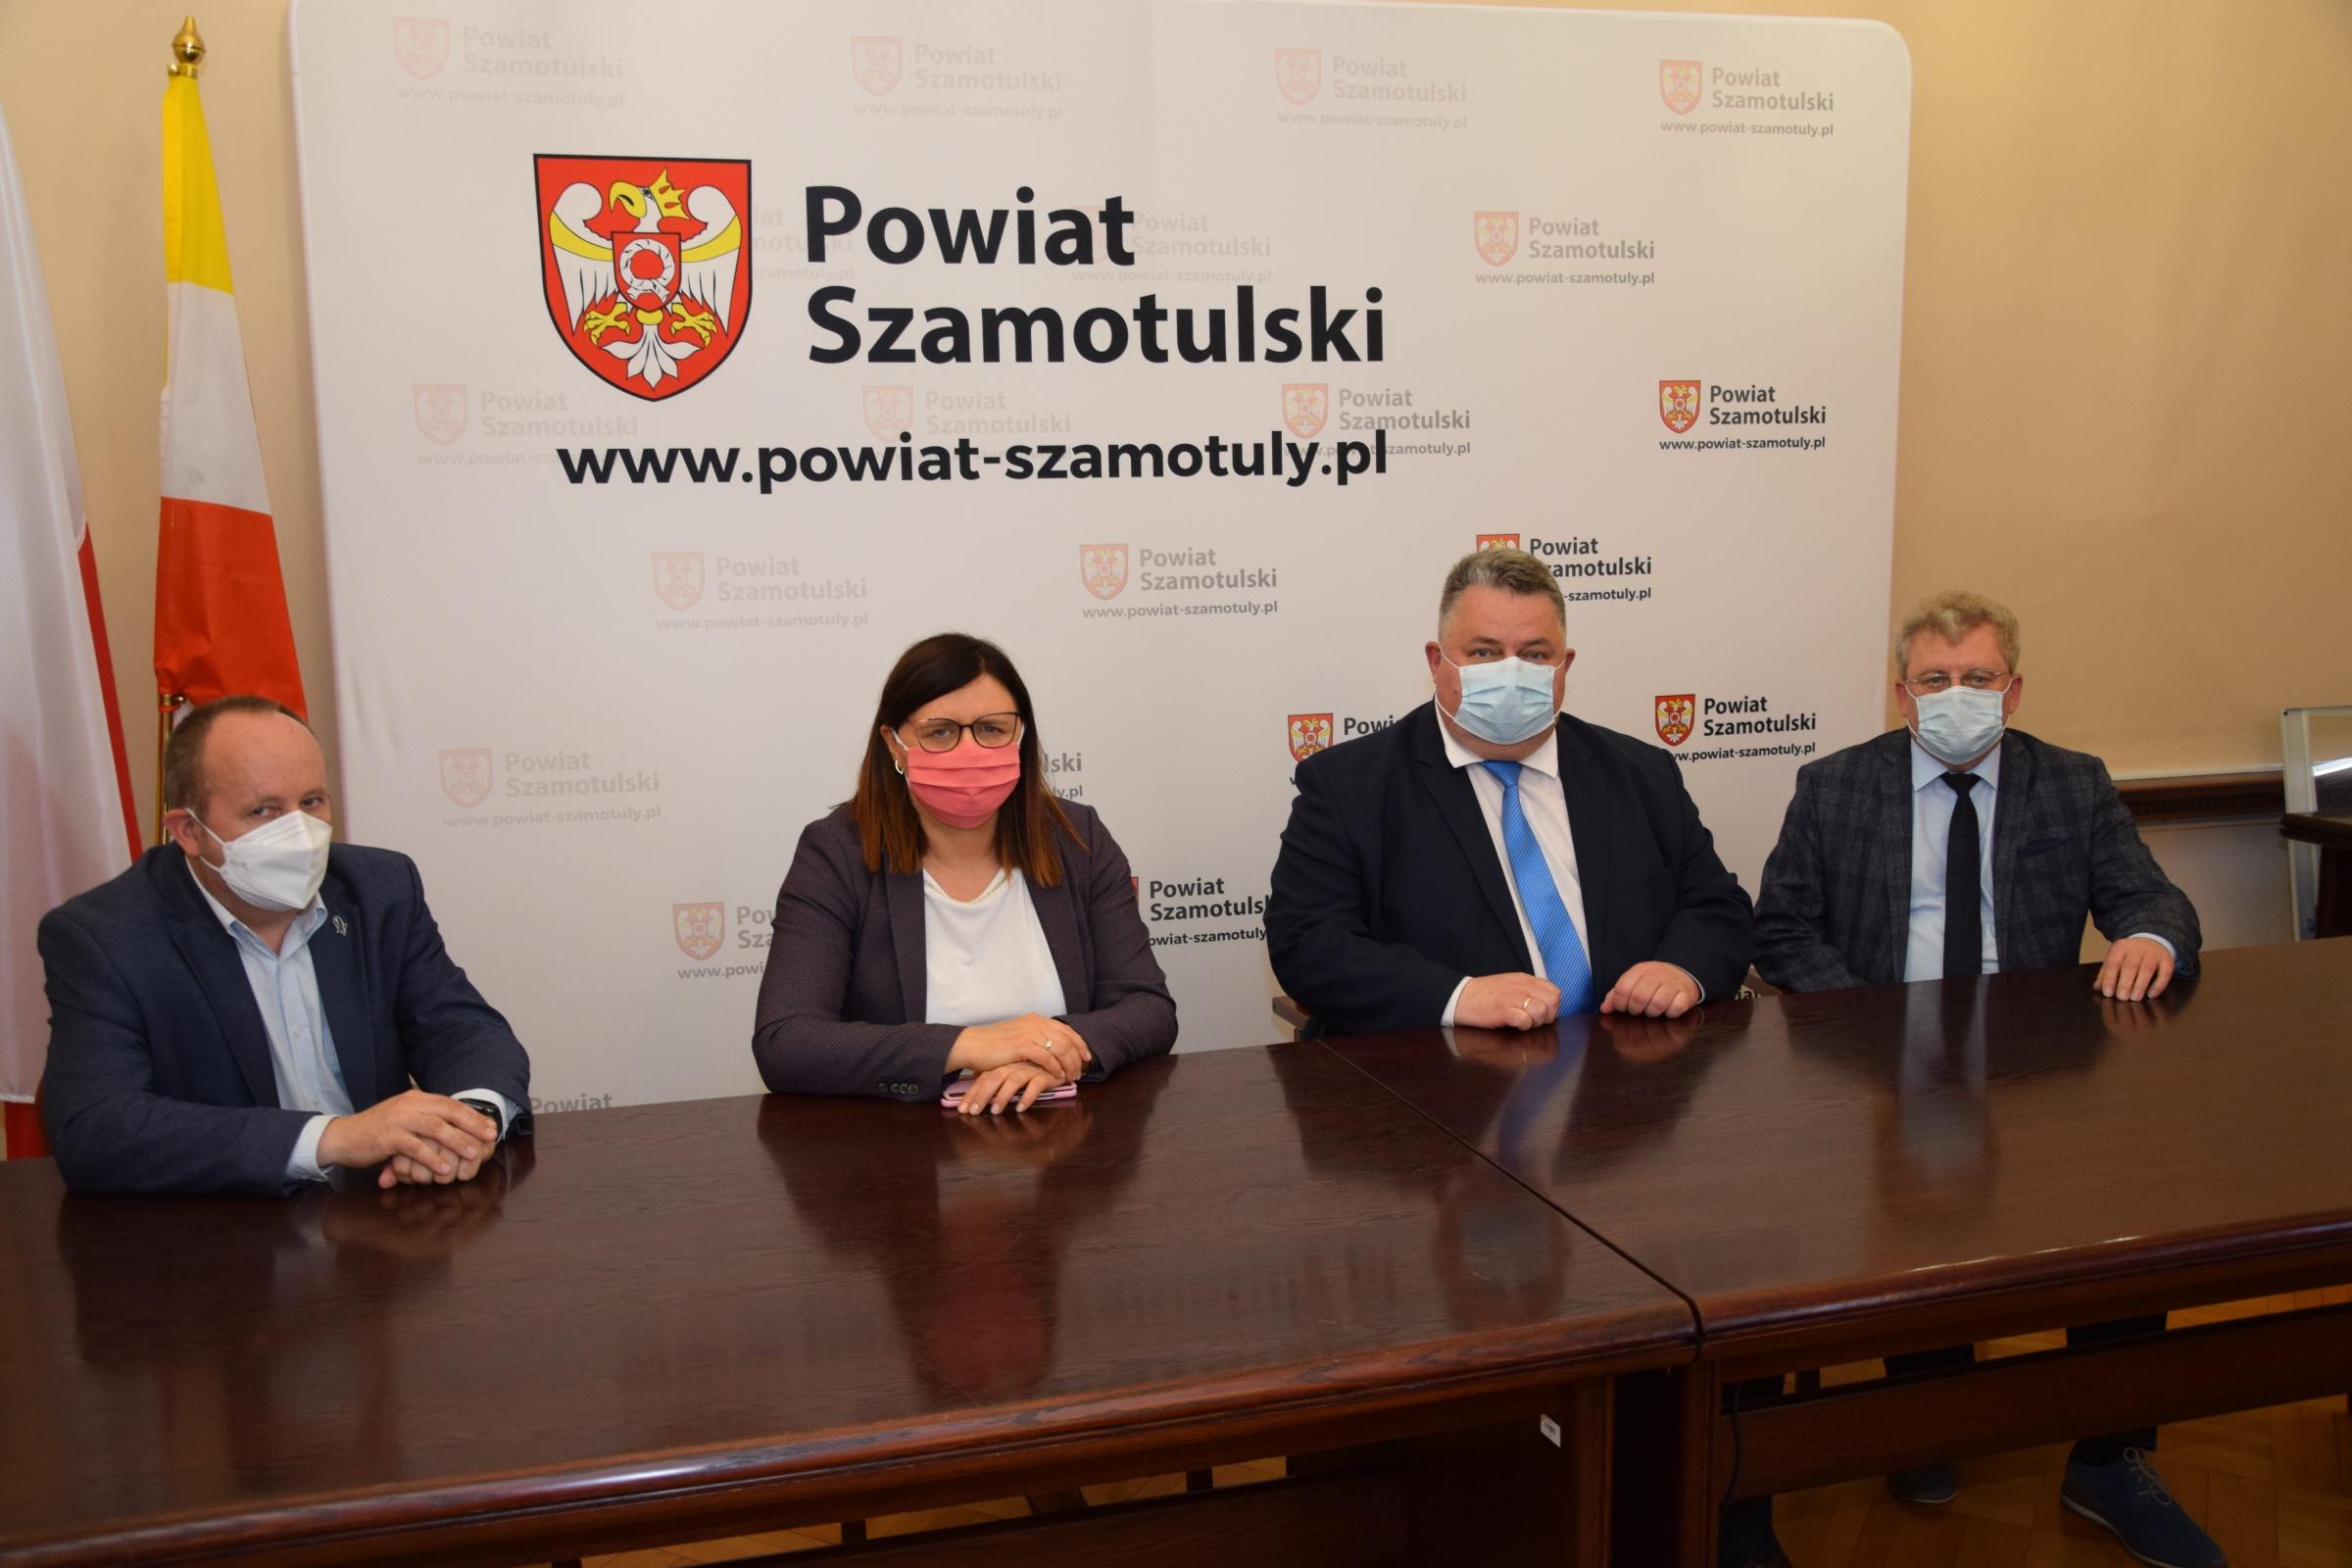 Na zdjęciu od lewej: Jaromir Zieliński, Starosta Beata Hanyżak, Burmistrz Pniew Jarosław Przewoźny i Zastępca Burmistrza Pniew Józef Ćwiertnia